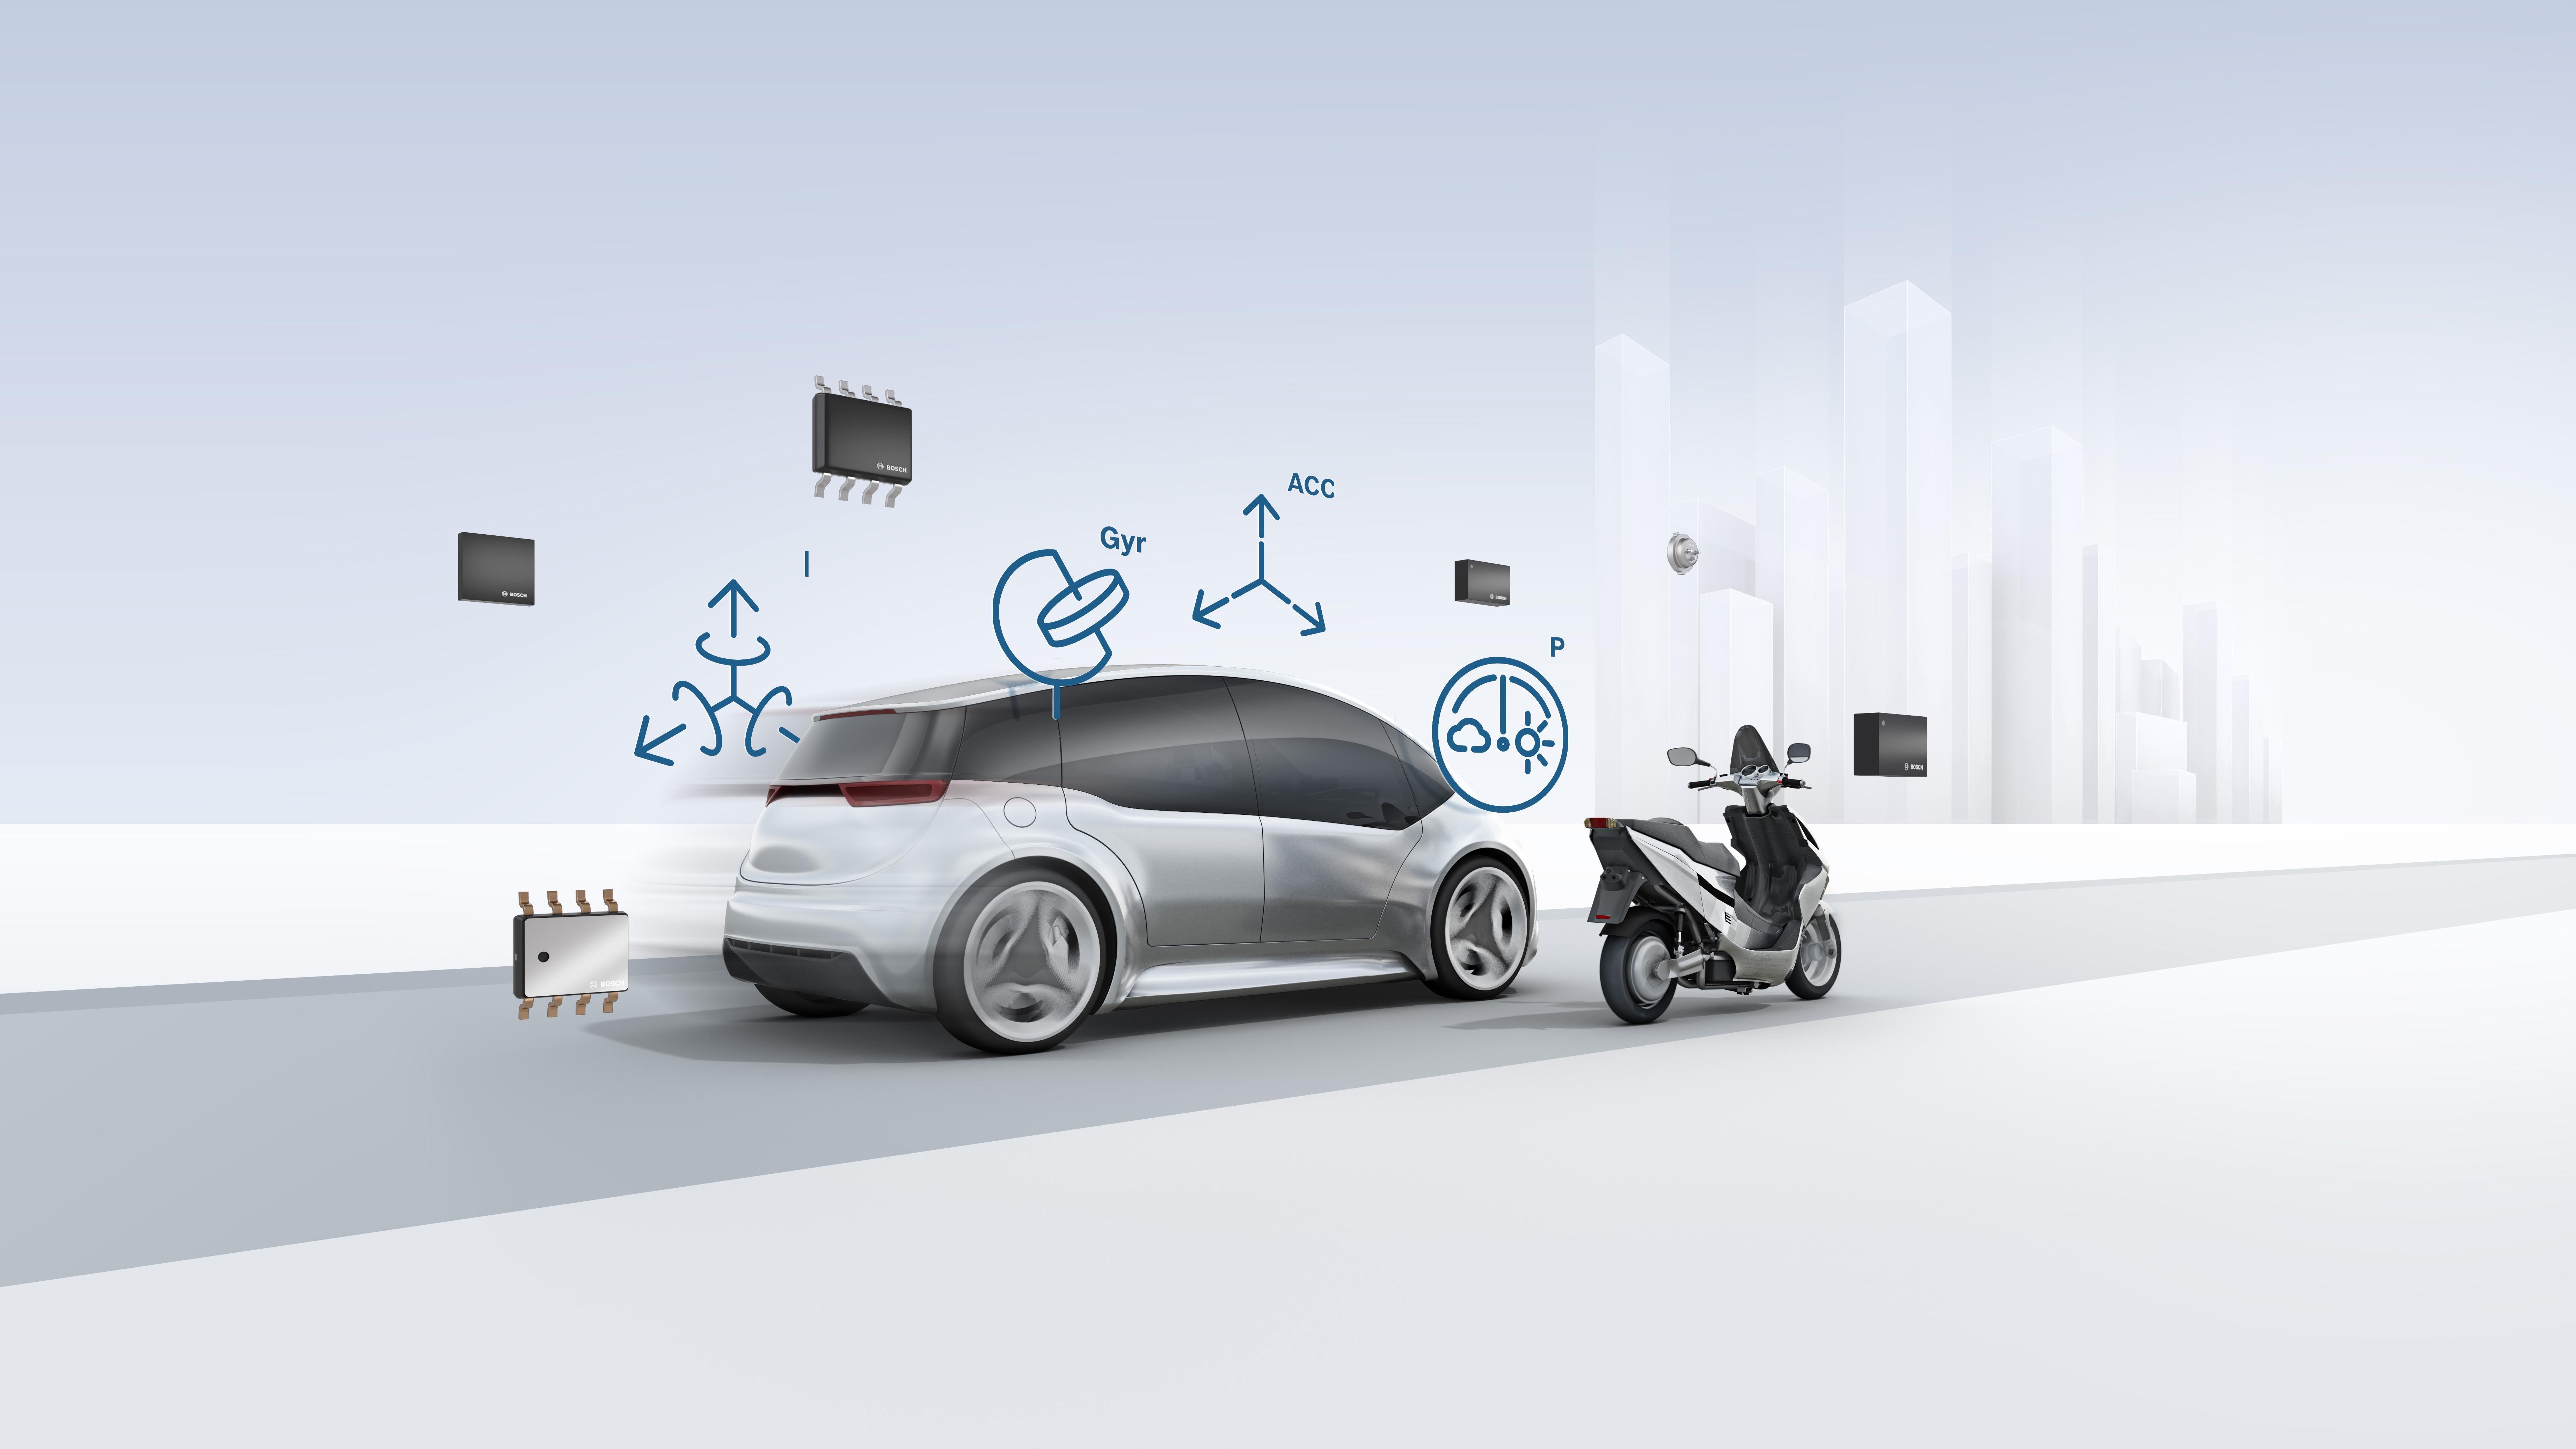 Senzory MEMS (MicroElectroMechanical Systems) pro řešení mobility